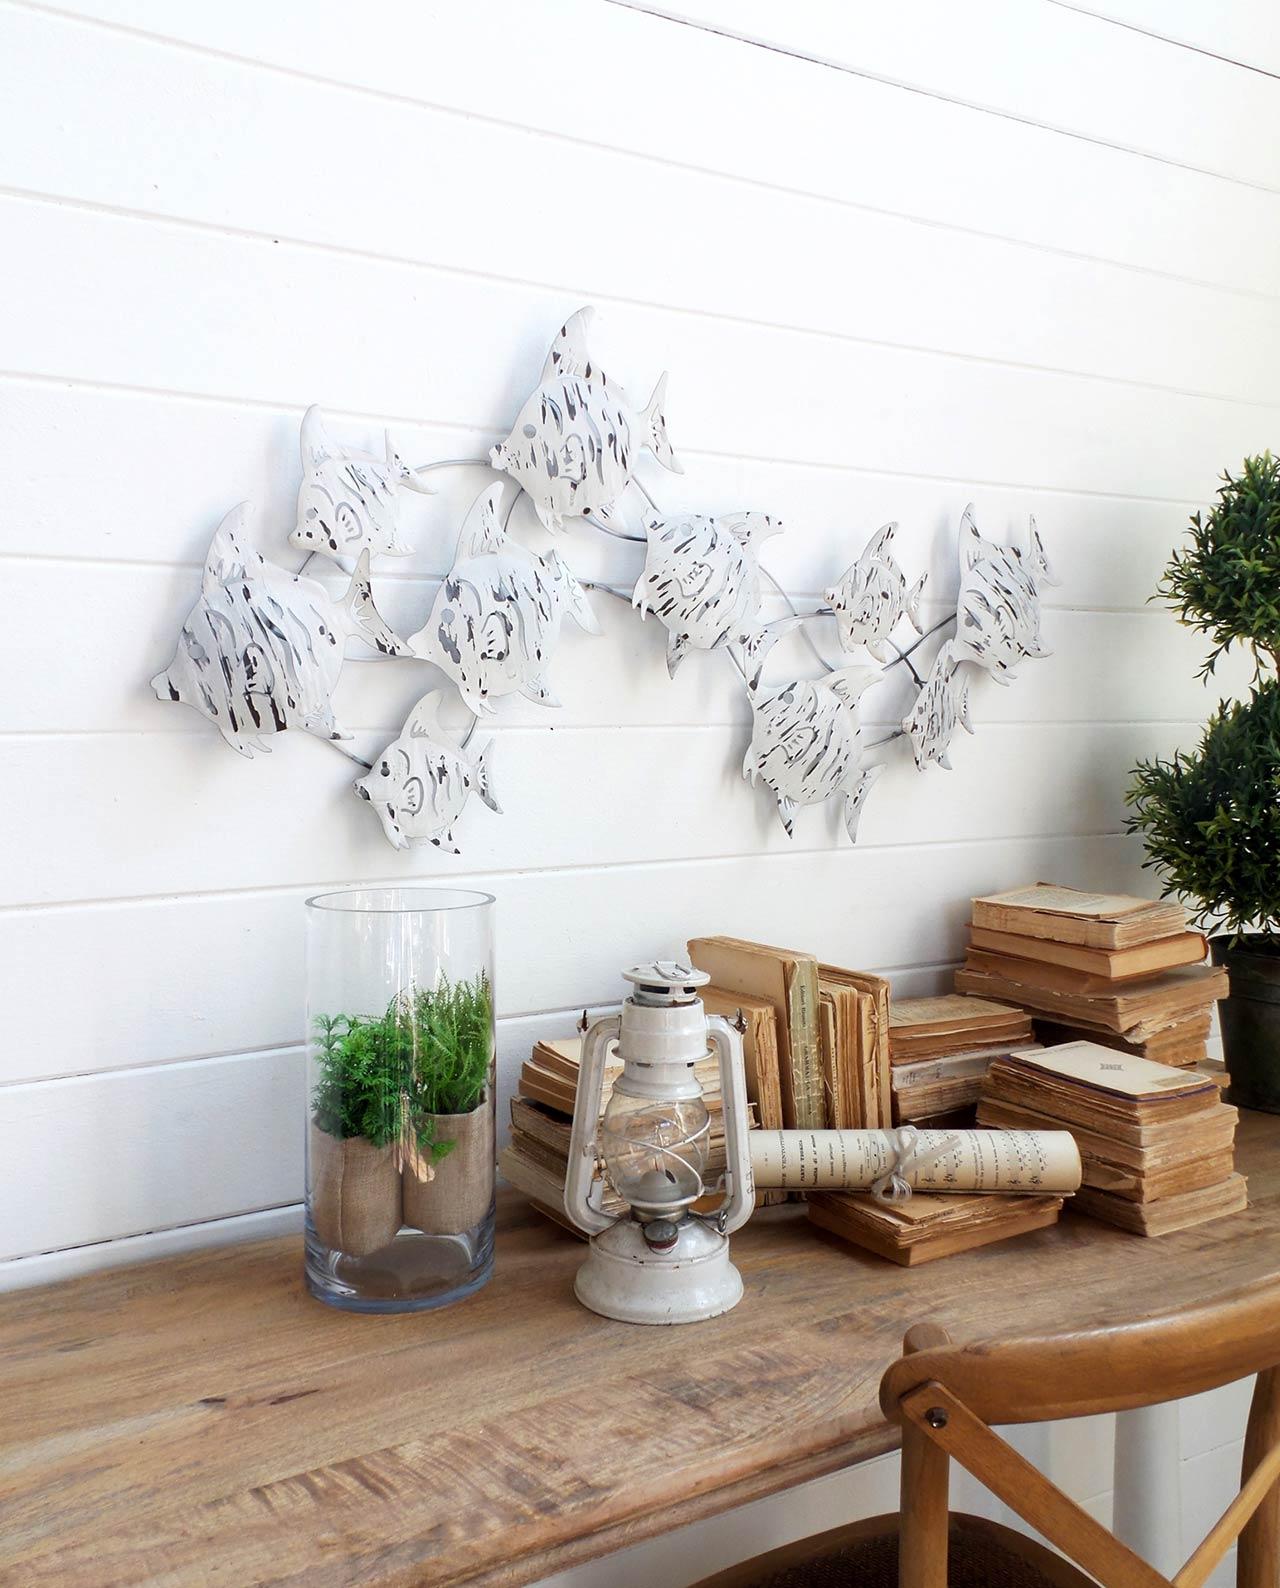 Pannello decorativo in metallo con pesci bianchi mobilia - Pannello decorativo design ...